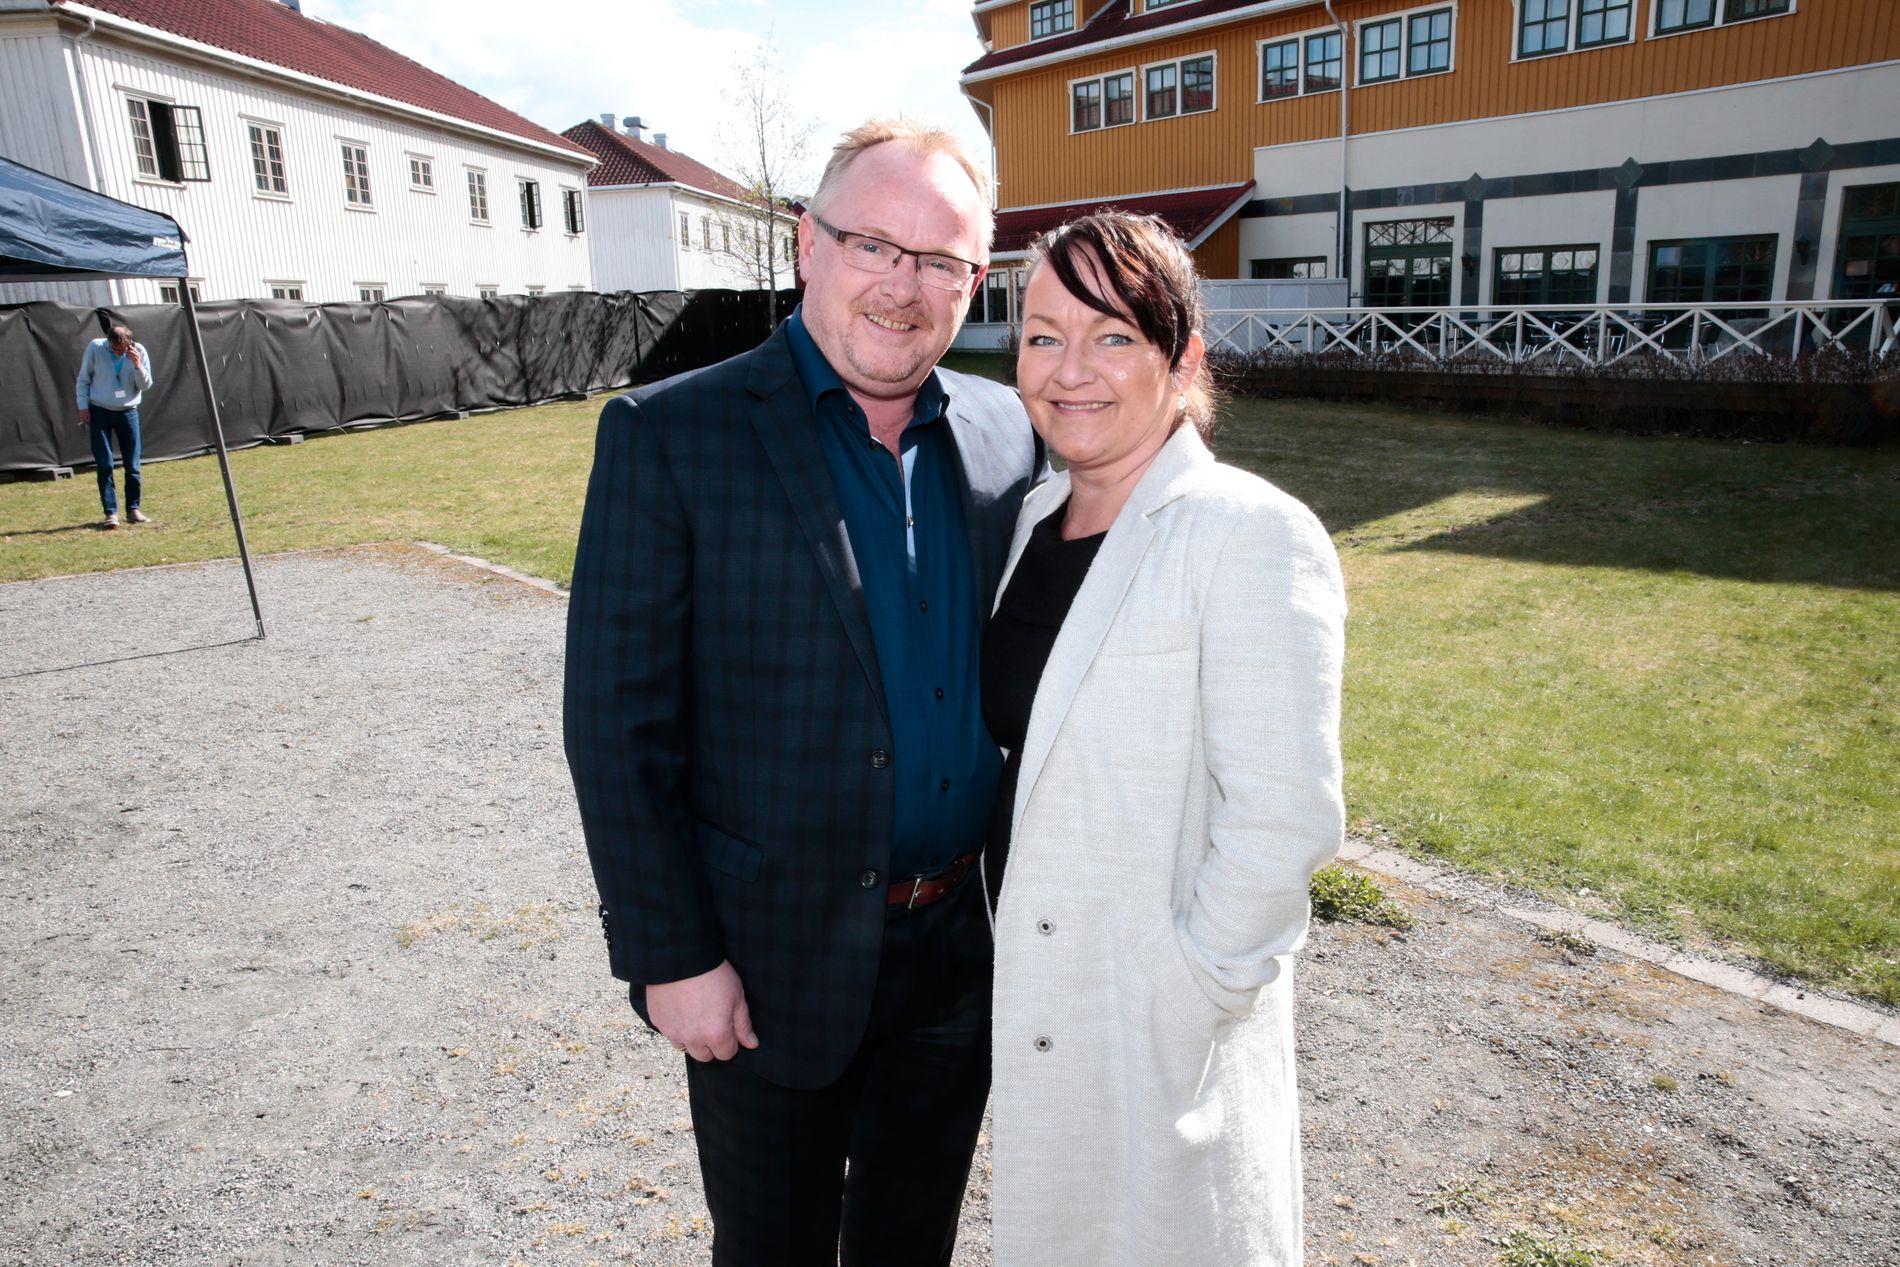 MAKTPAR: Per og Line Miriam Sandberg, her under Frps landsmøte i 2015 på Gardermoen.